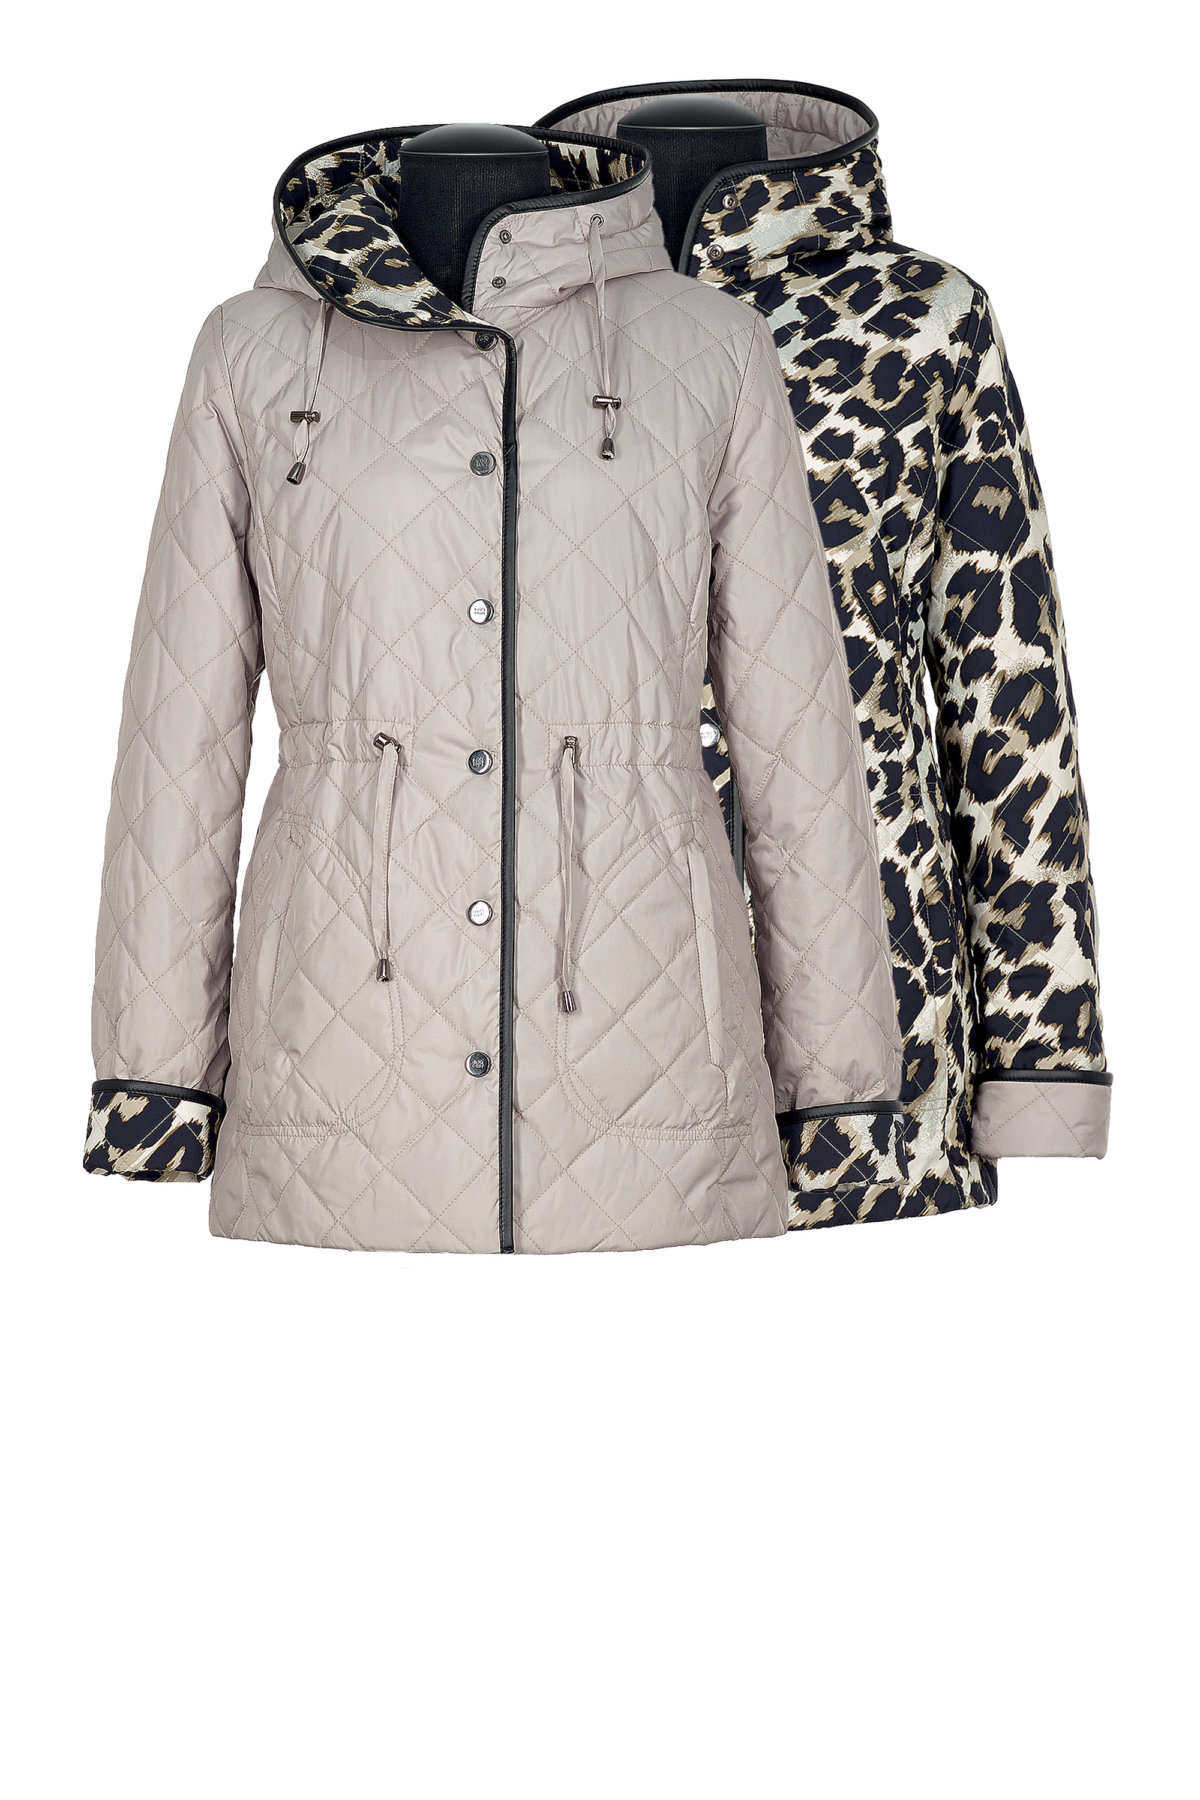 DIXI COAT. Осень/зима 2014/2015. Модель 6095-181